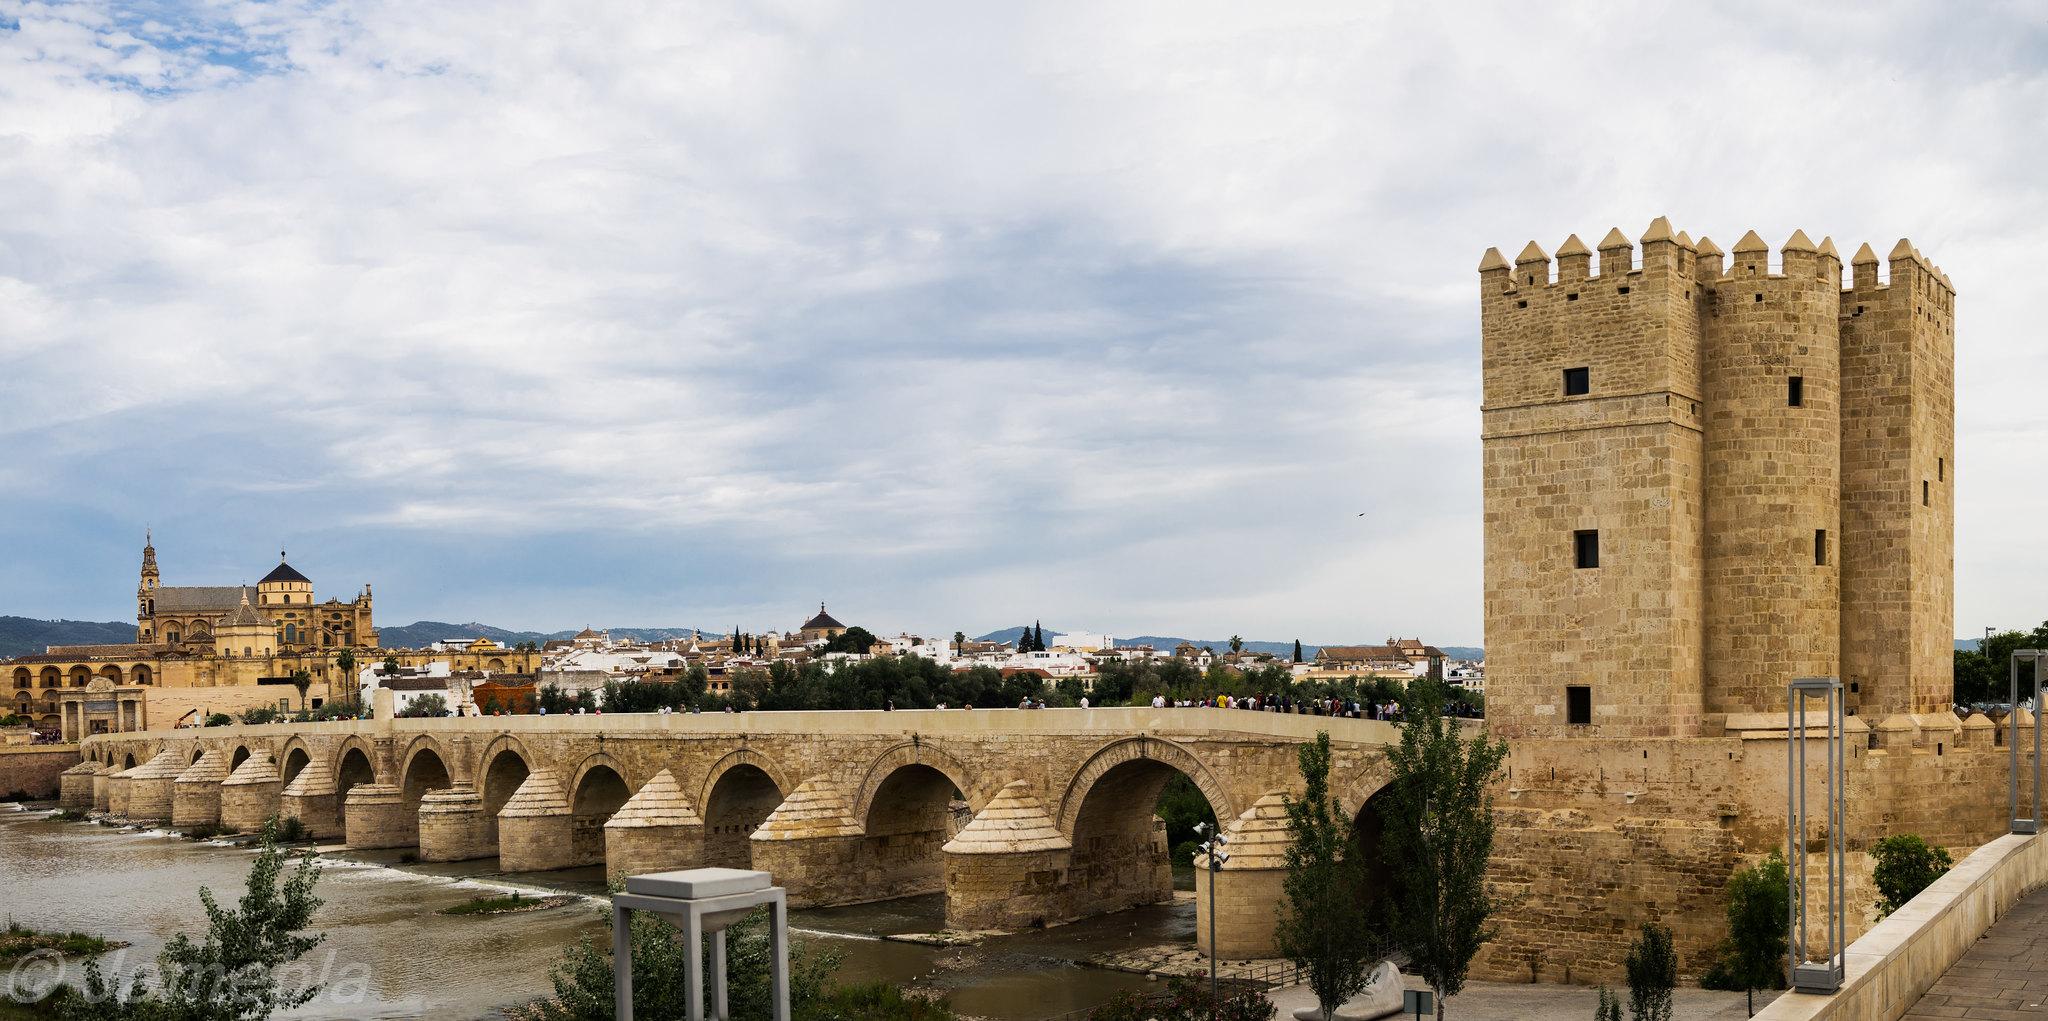 puente-romano-cordoba-panoramica-5-fotosjpgolympus-digital-camera.jpg